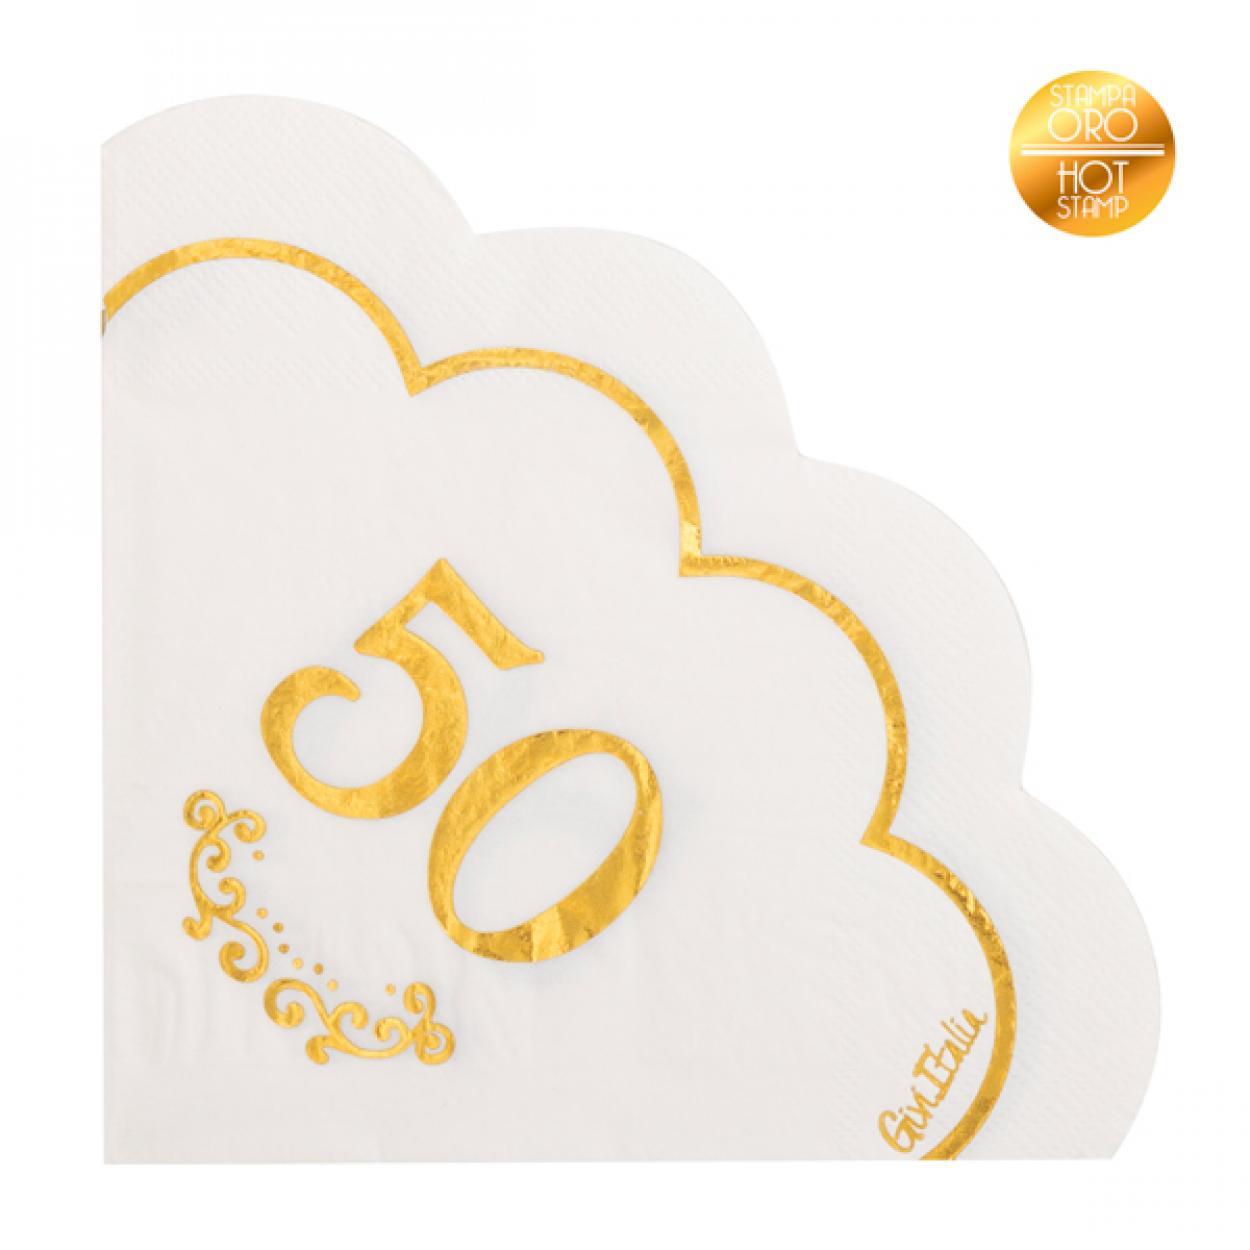 16 TOVAGLIOLI BIANCHI 50 ANNI SMERLO ORO 64002